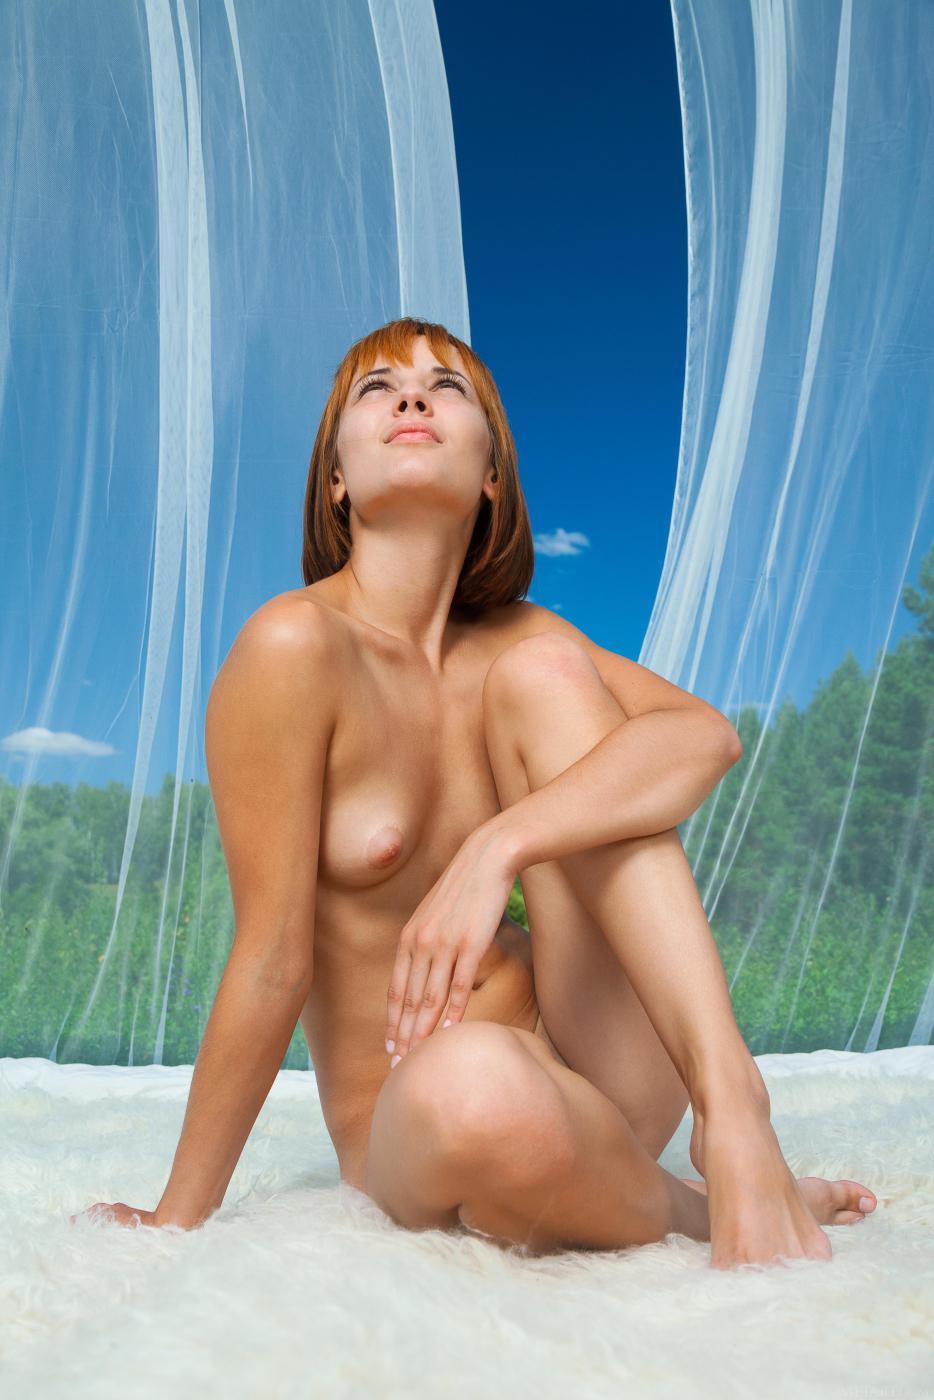 Крутая брюнетка Monika G маленько стесняется, но фотографируется голой